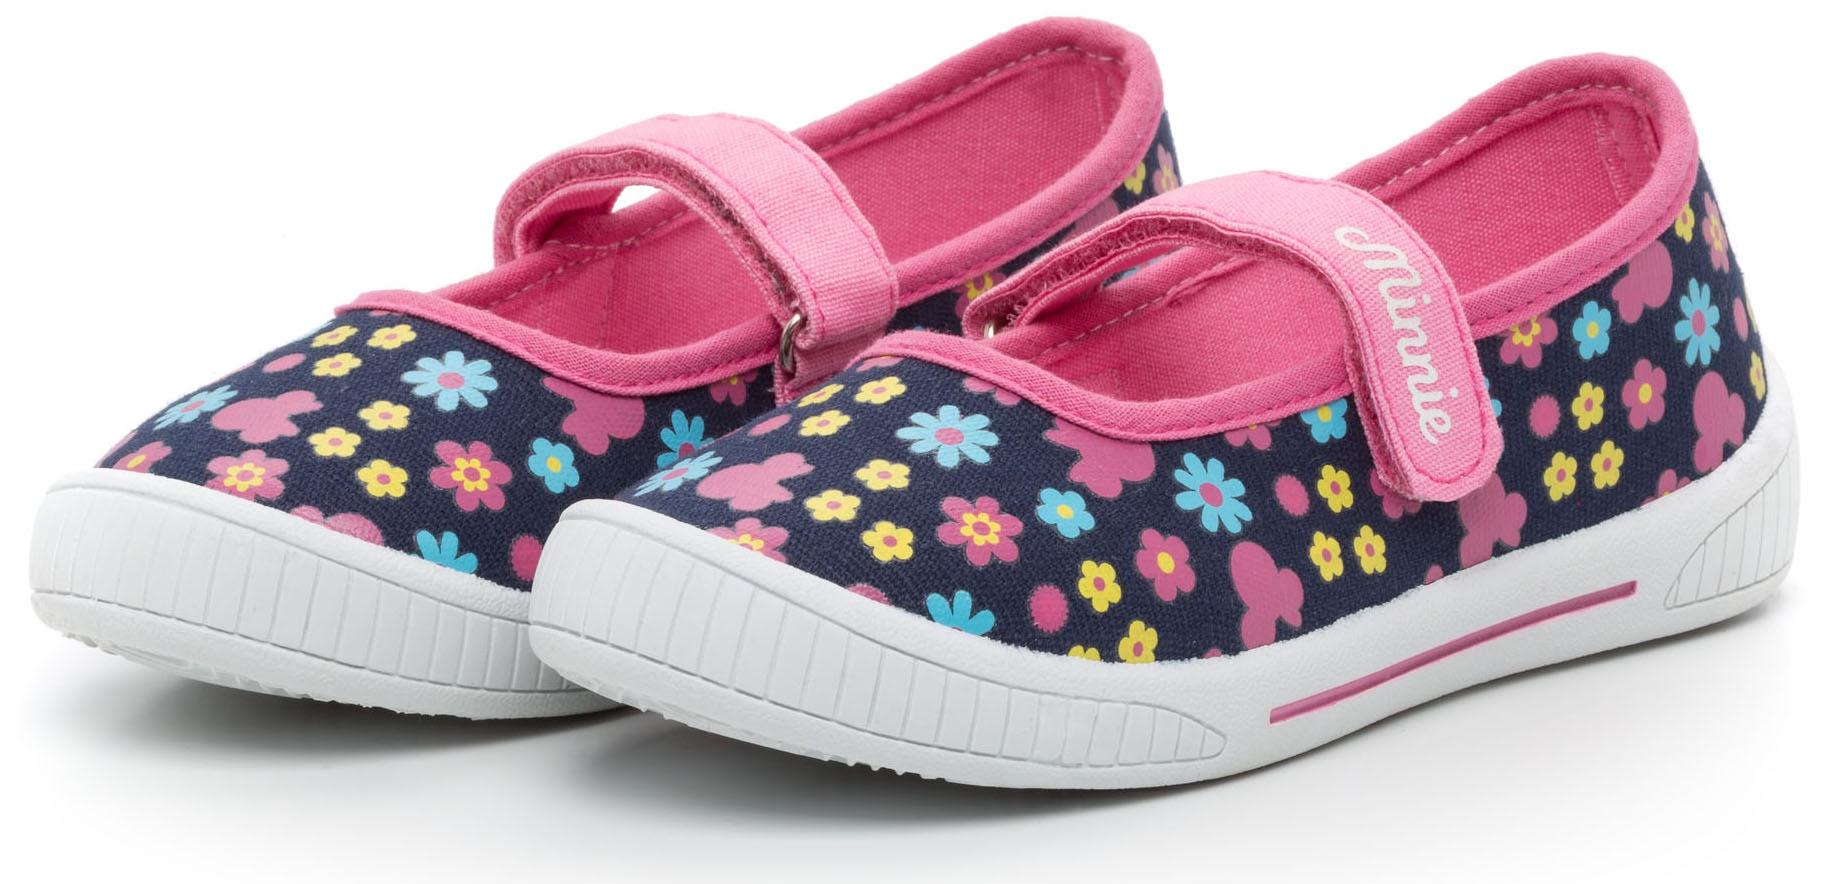 Туфли Disney minnie Туфли для девочки Disney Minnie, синие с рисунком